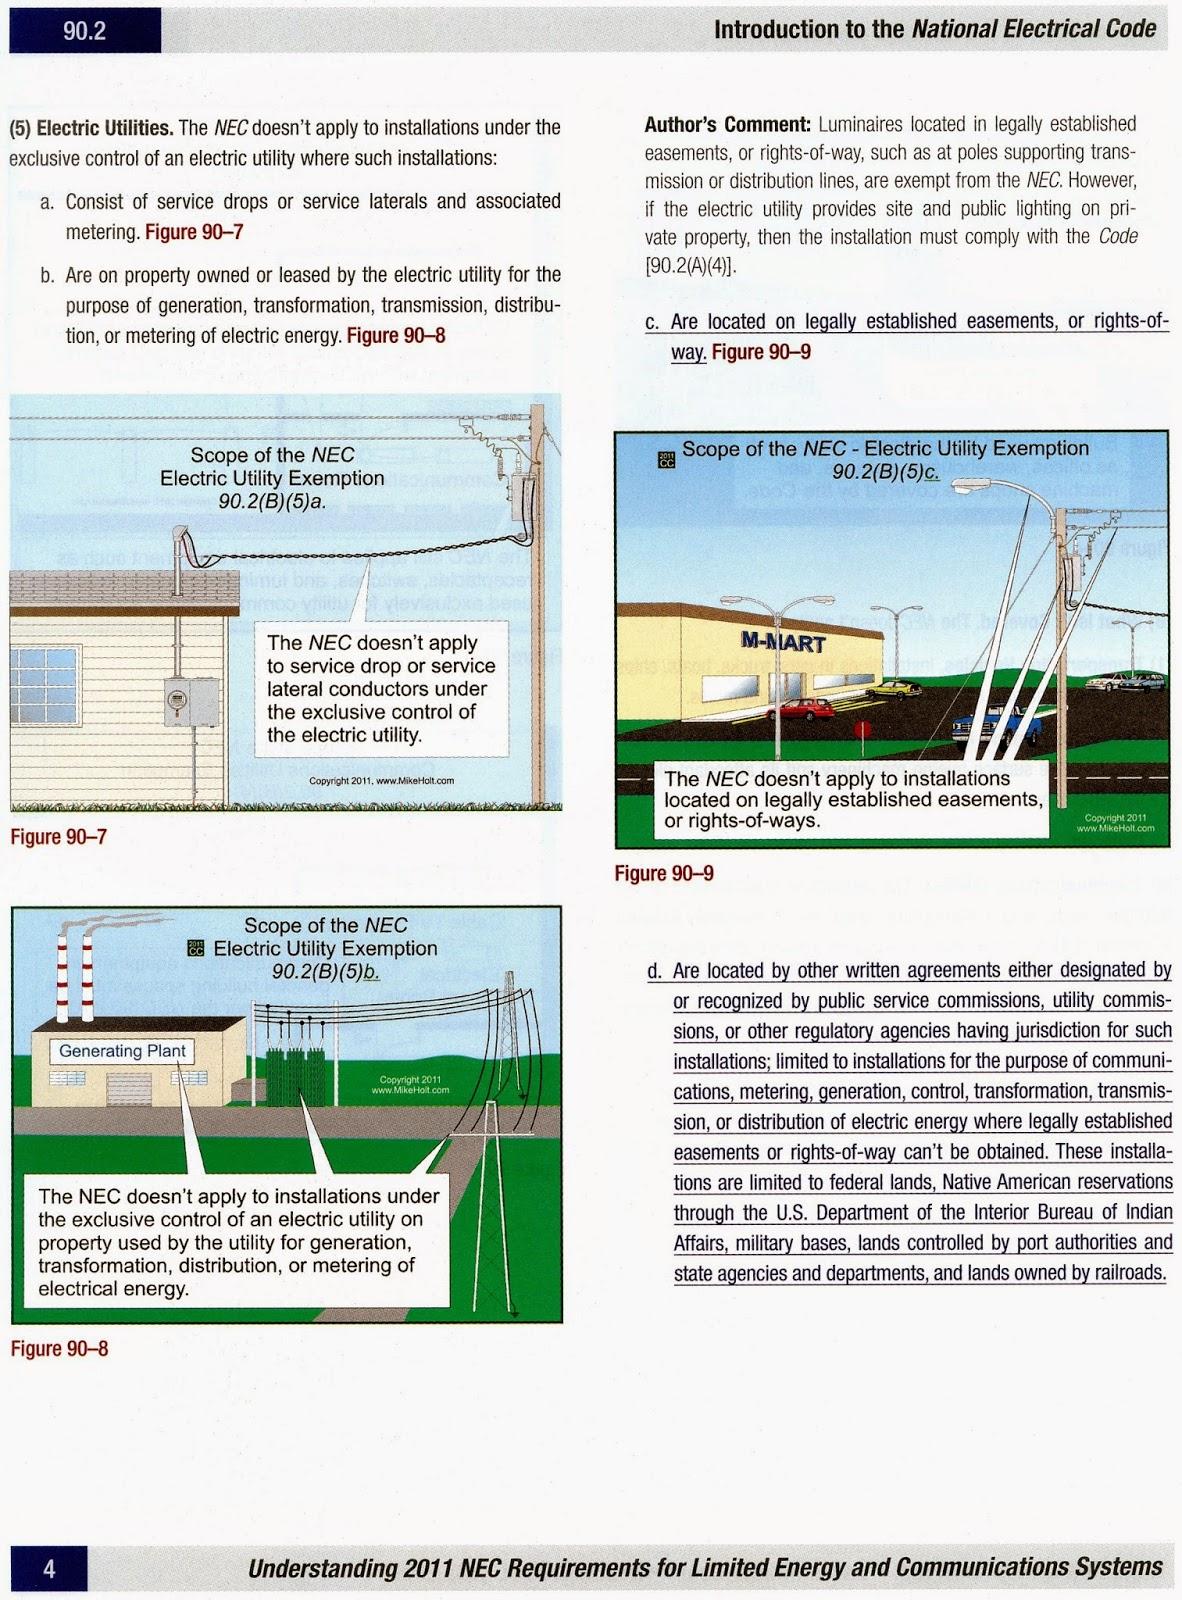 Electric Work: Хязгаартай үйл ажиллагаа Харилцаа холбооны Шугамууд